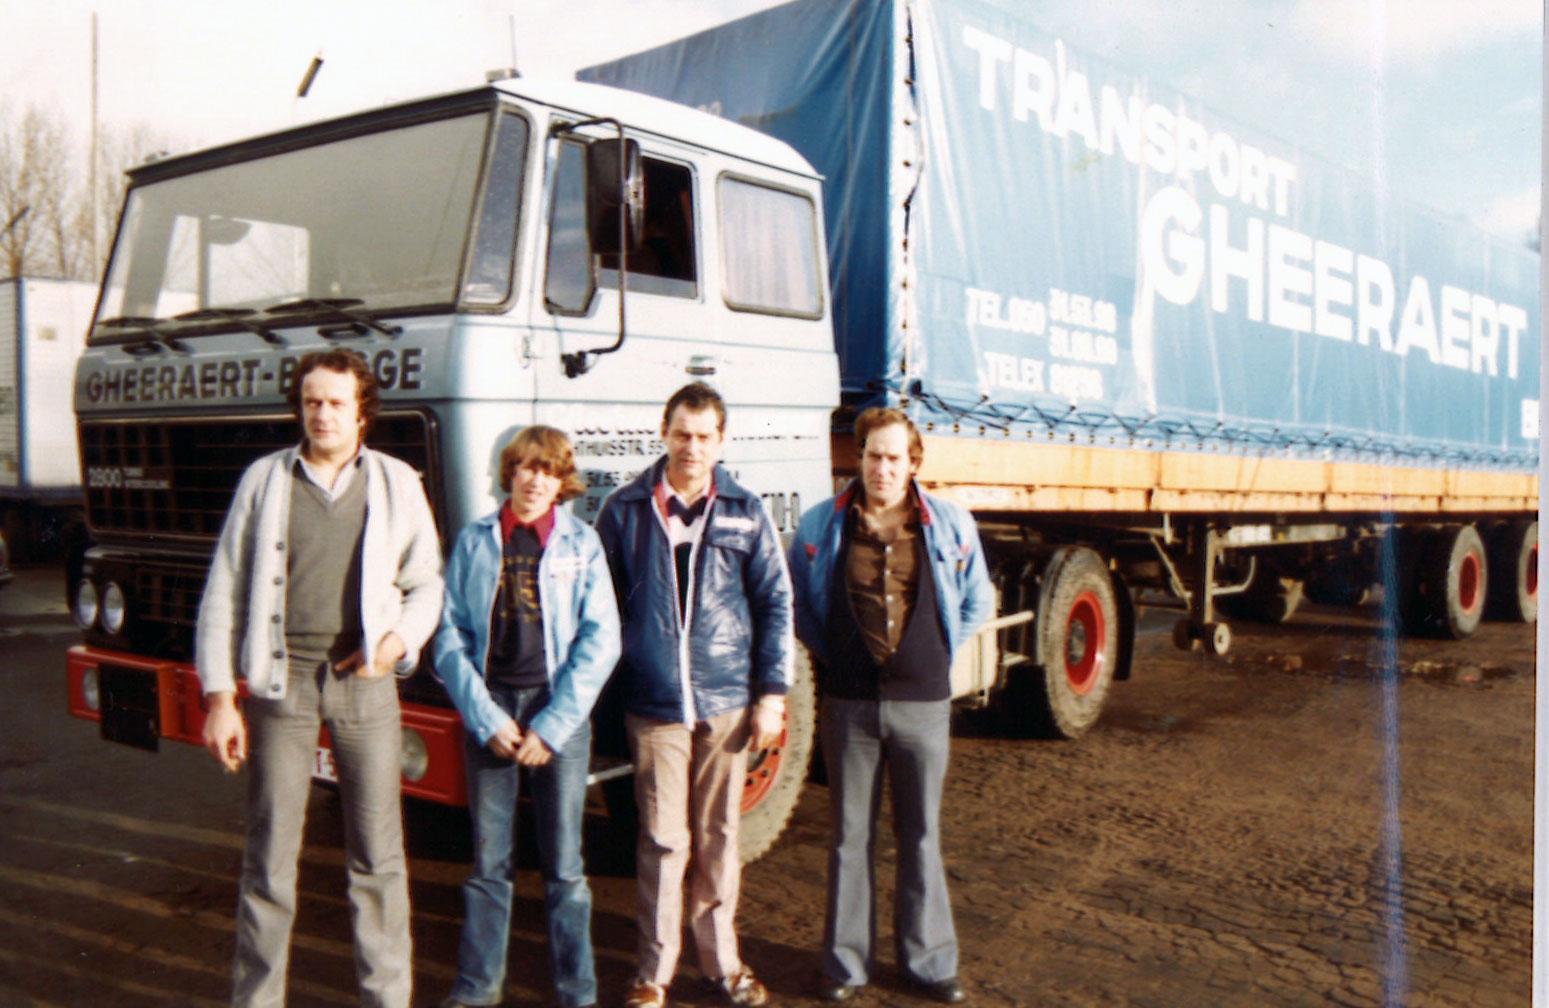 Gheeraert-jaren-80-met-vier